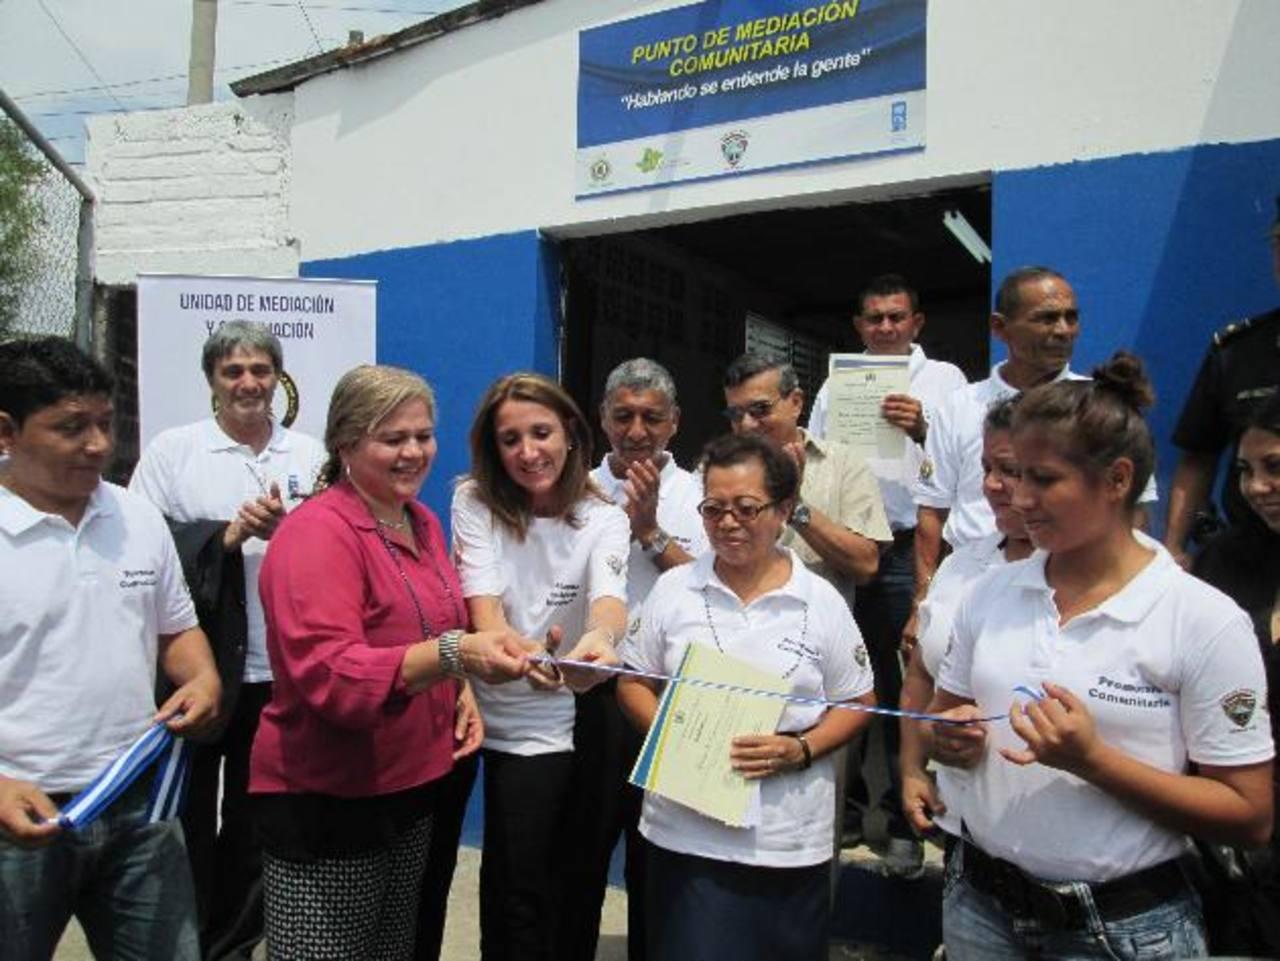 Los líderes comunales con su diploma de mediadores. Foto edh / Cortesía